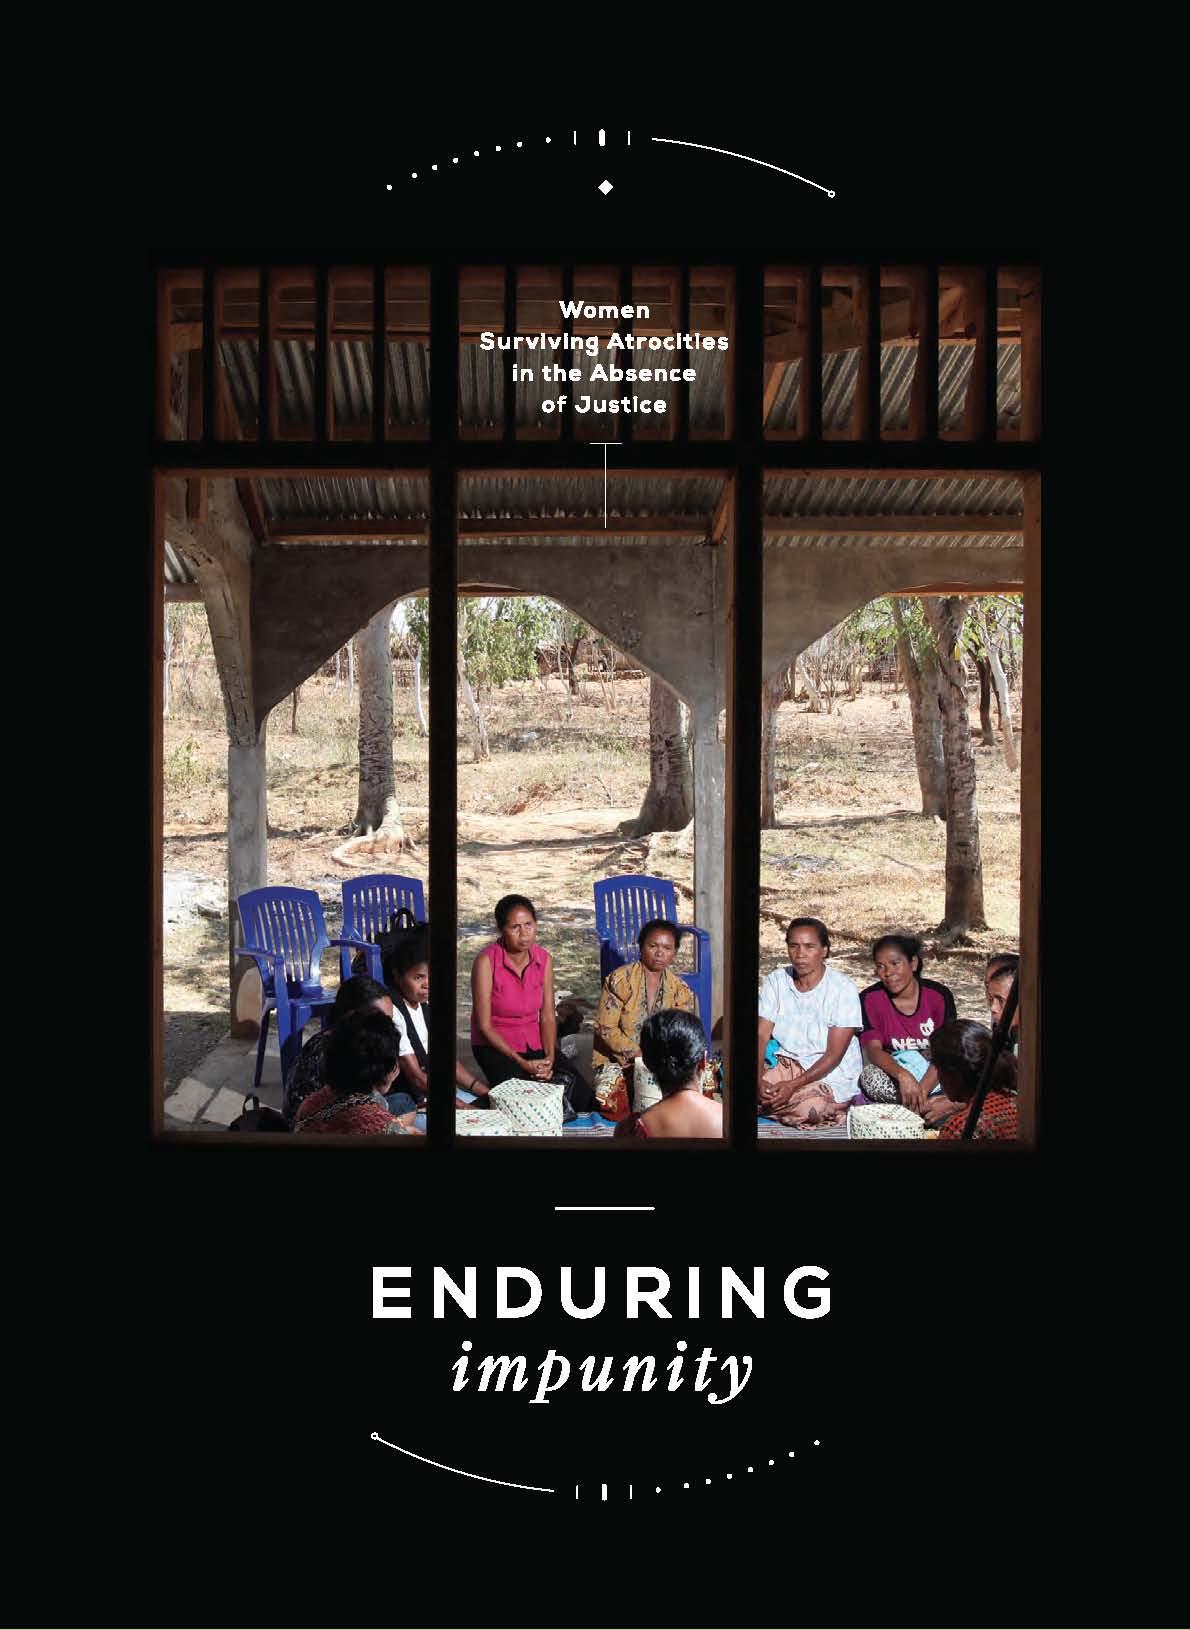 Enduring Impunity